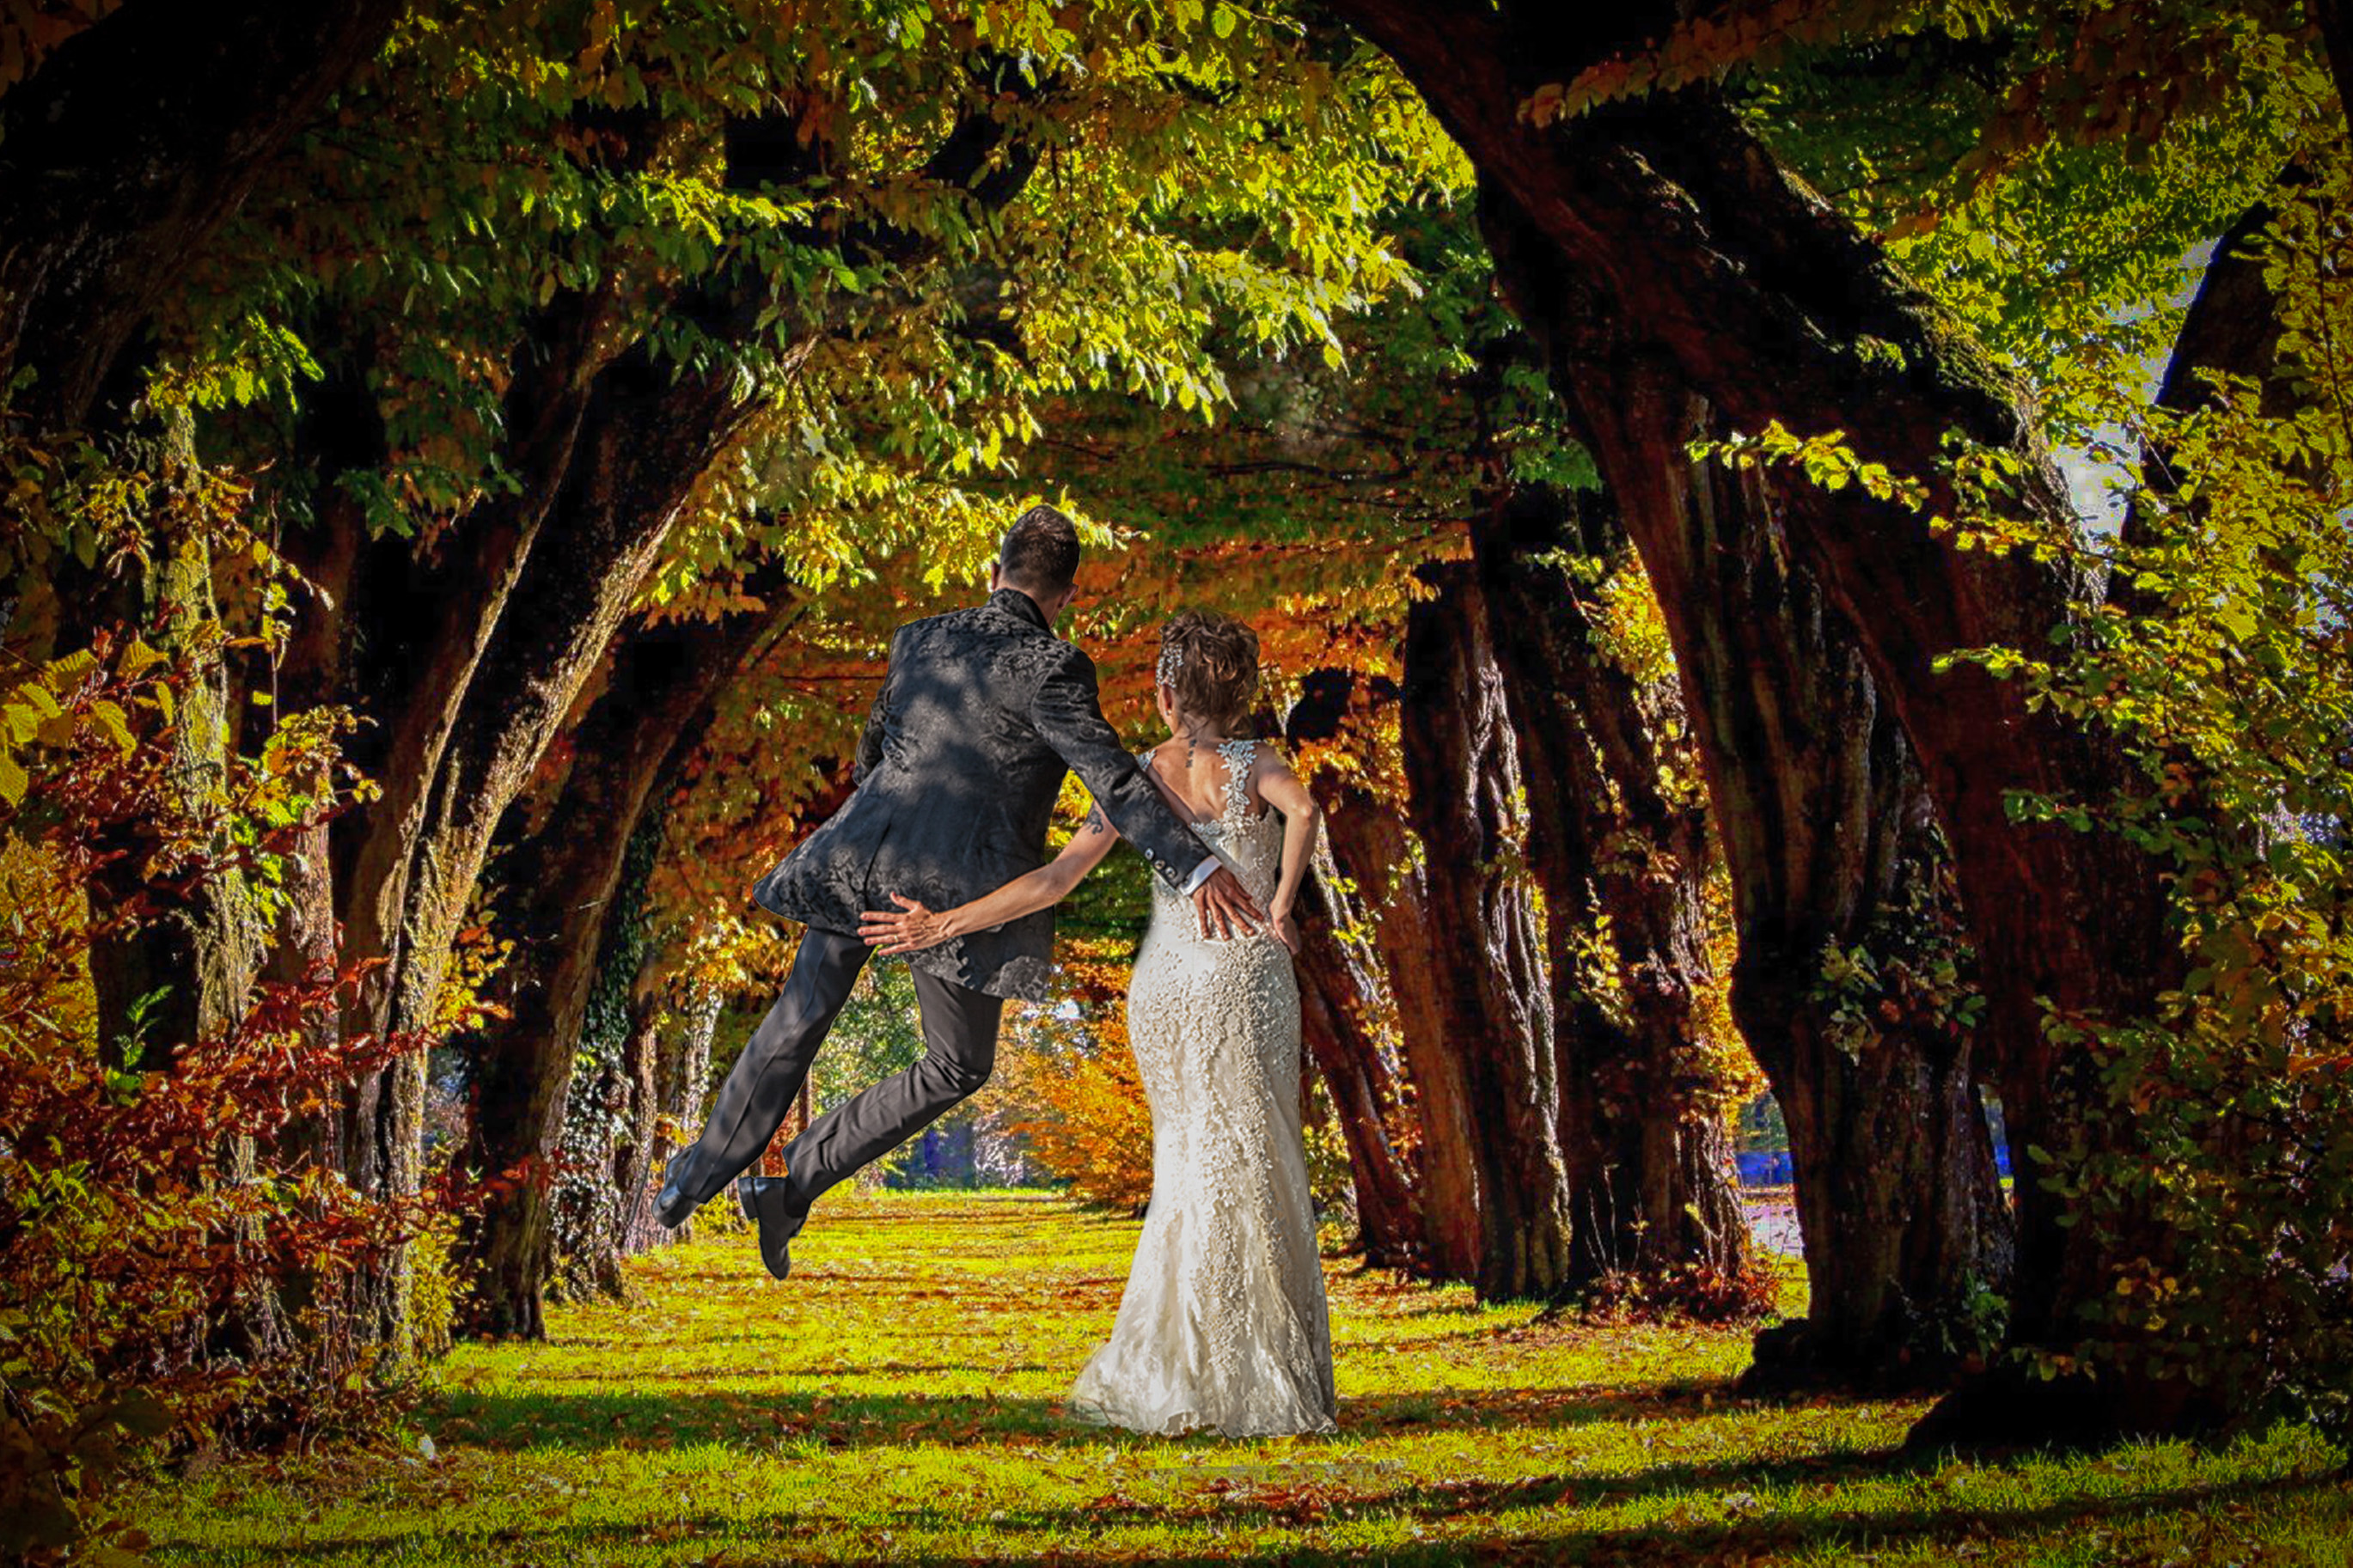 viale-albero,-foglie-colorate,-autunno-161748-2